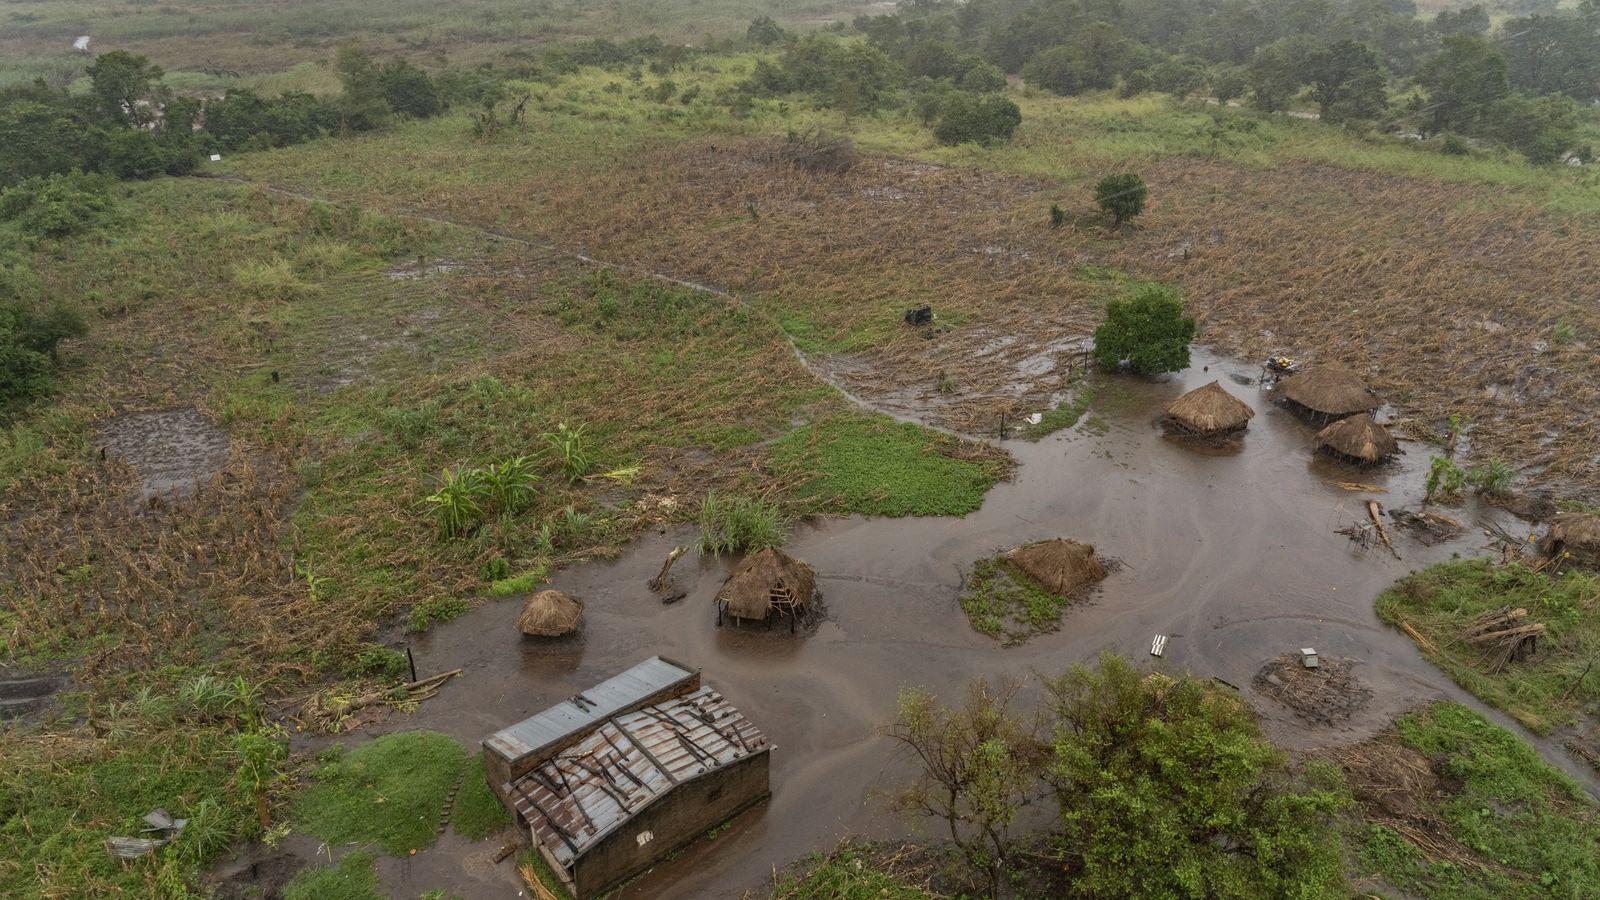 Gorongosa Idai